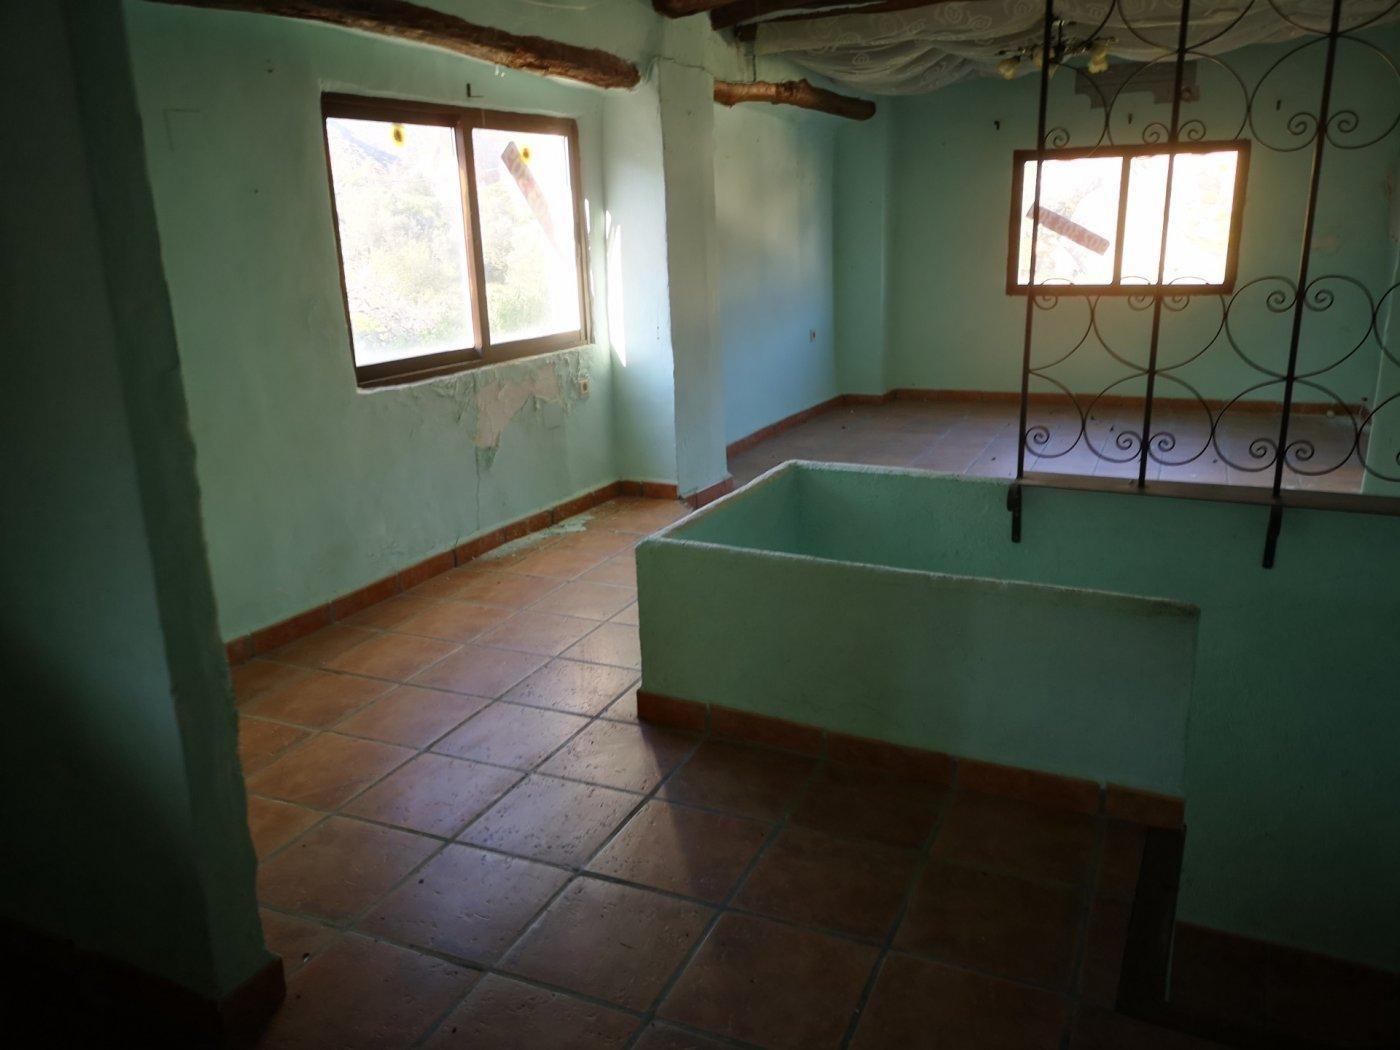 Casa de Pueblo en Cadiar - Alpujarra - Cádiar